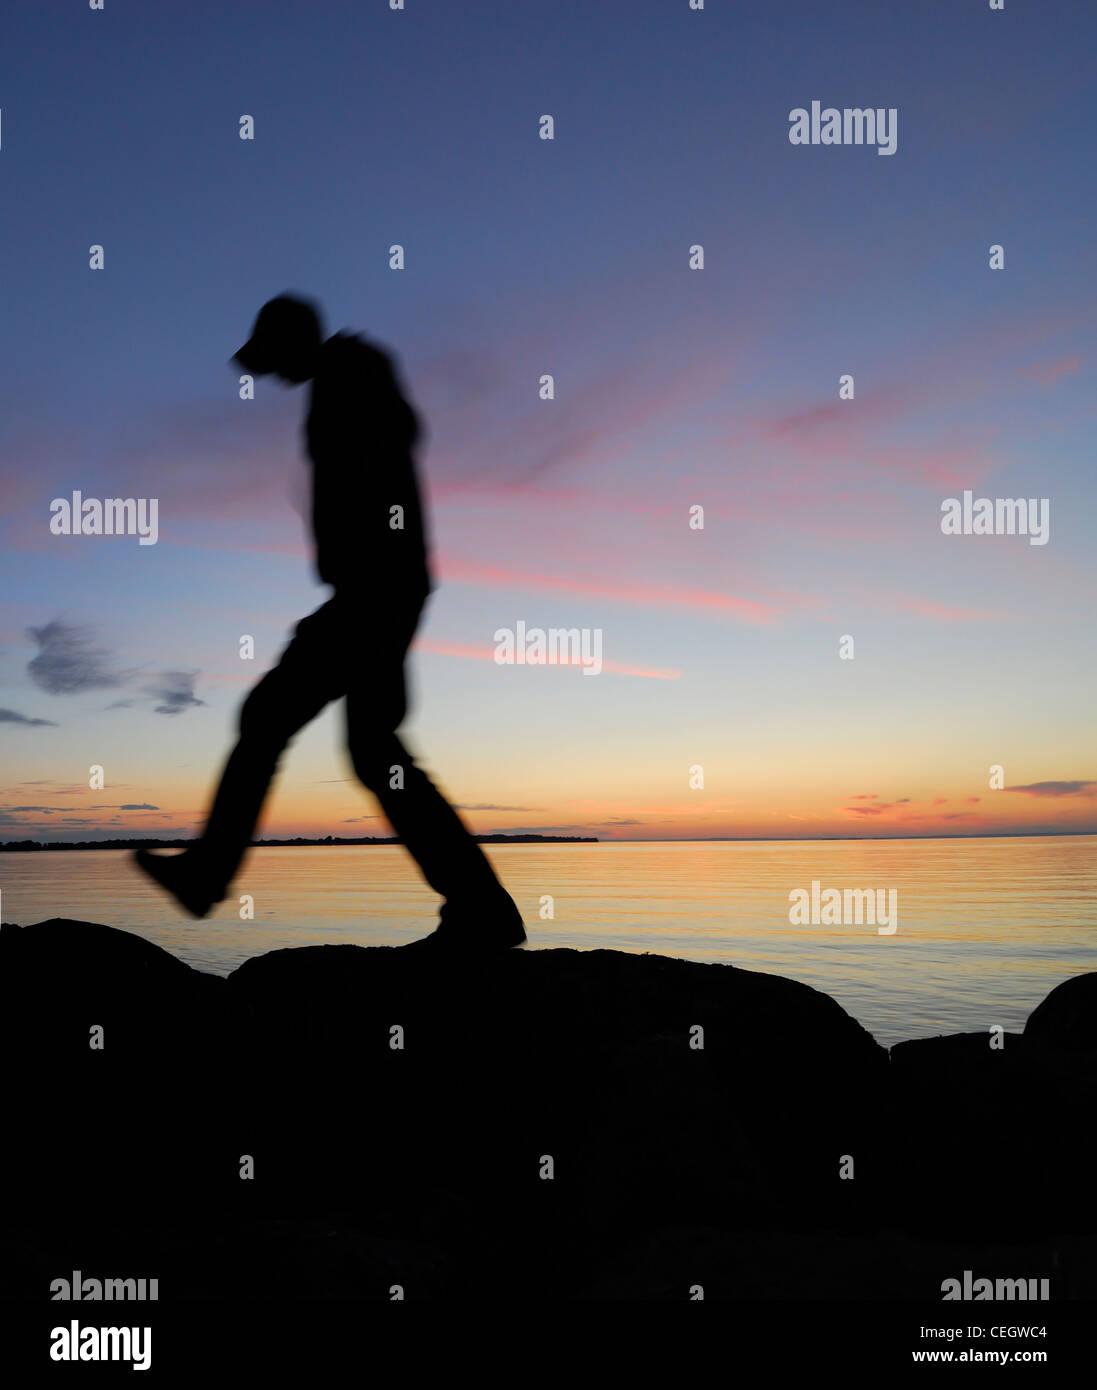 Silhouette der Mann zu Fuß an einem See in der Nacht Stockfoto